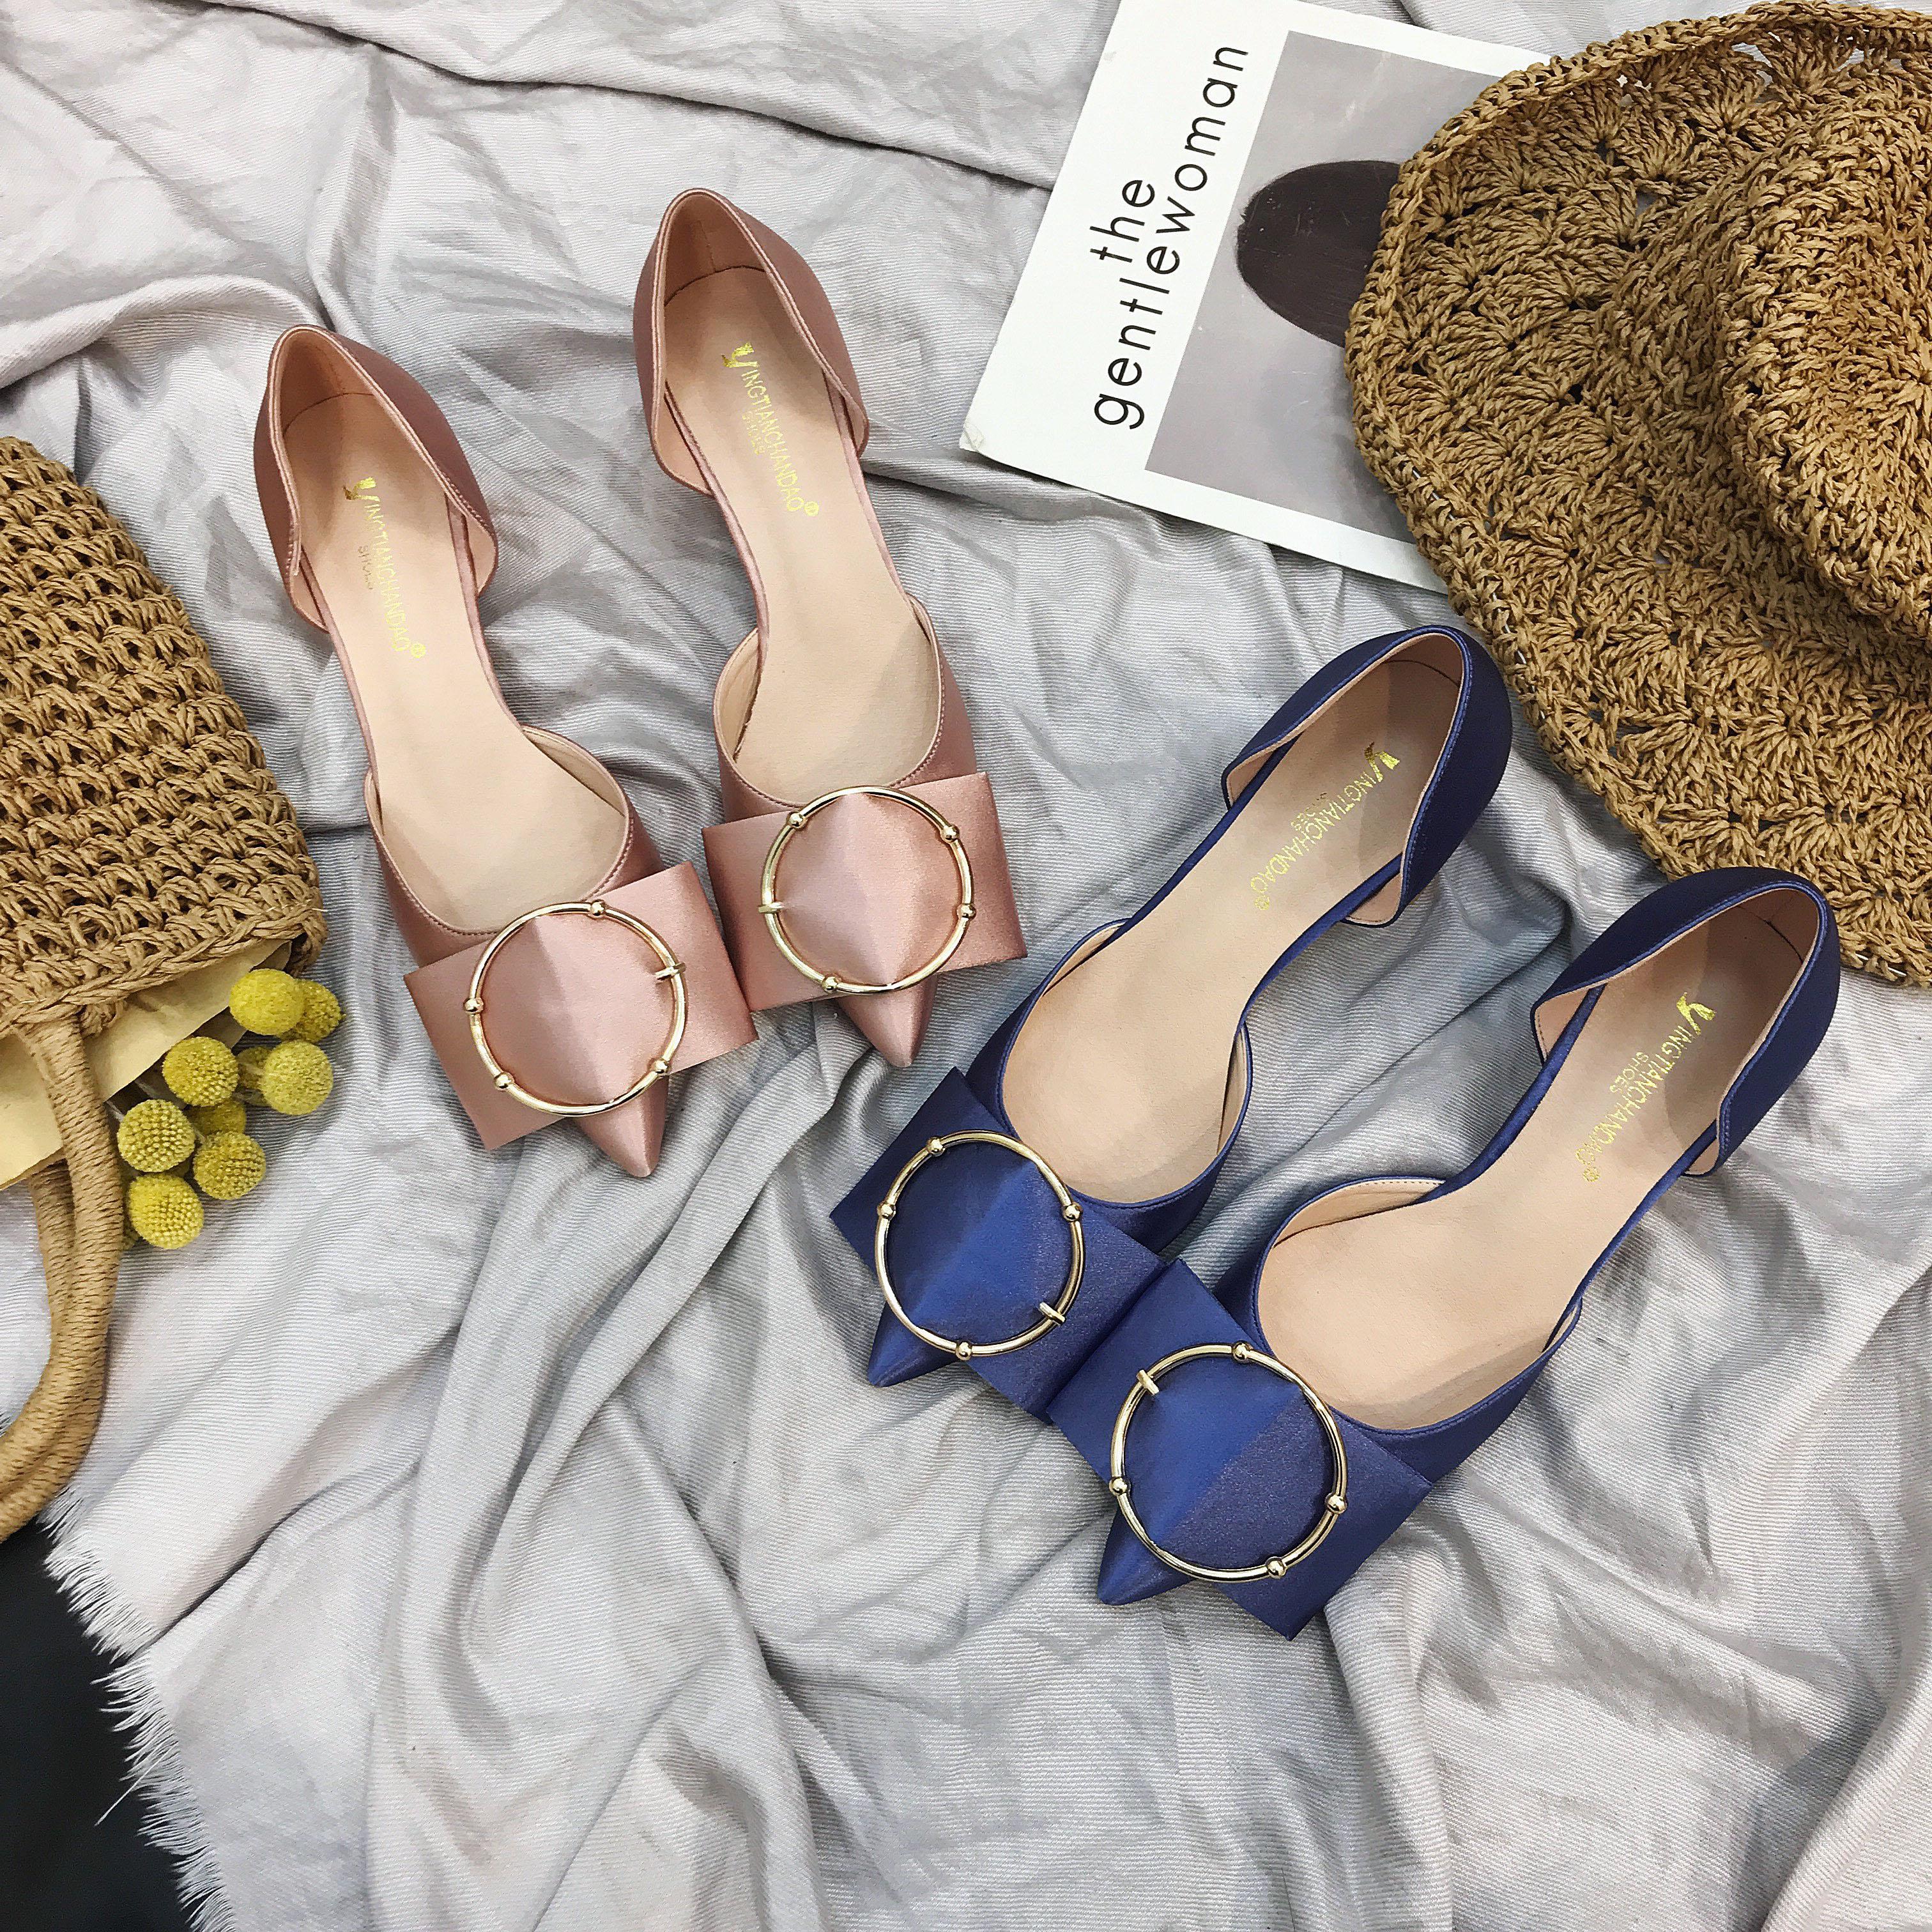 Giày nữ, phong cách nữ tính